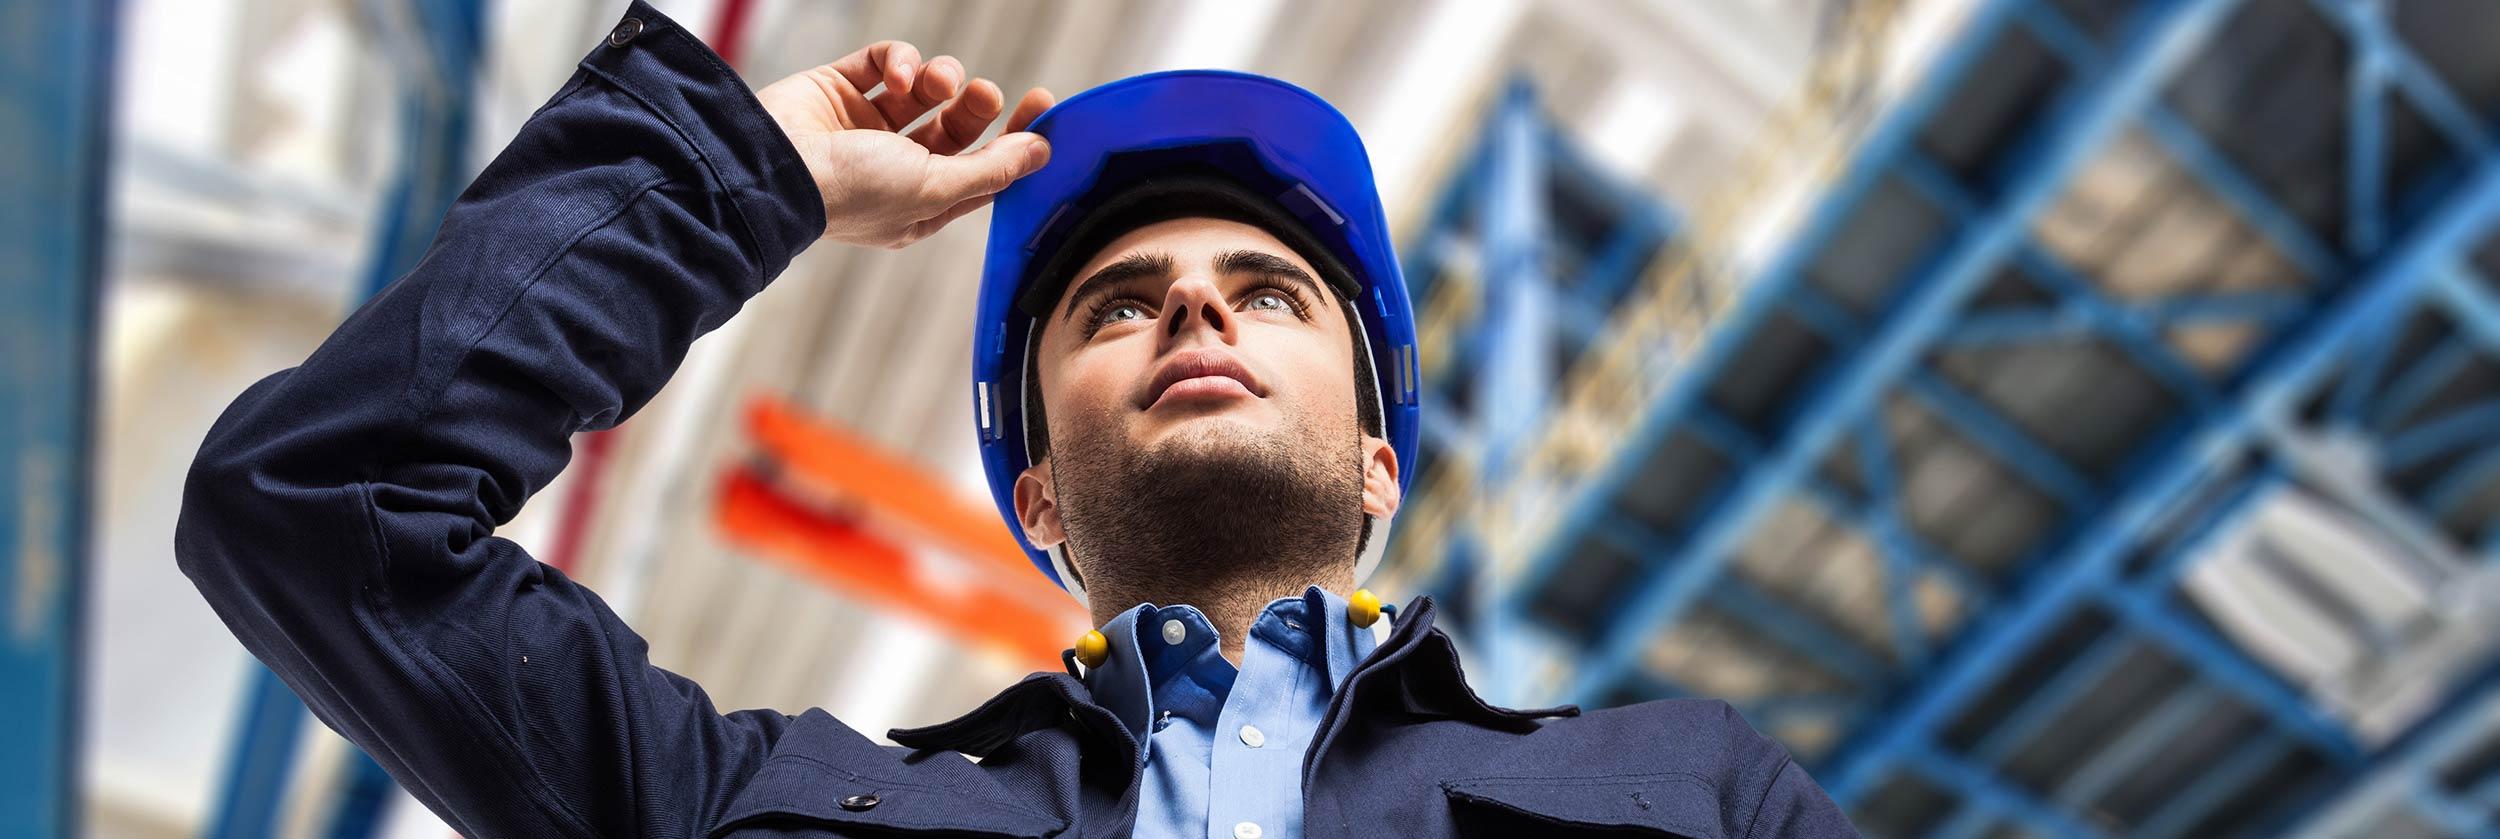 Arbeitssicherheit-Slider-ASBauer